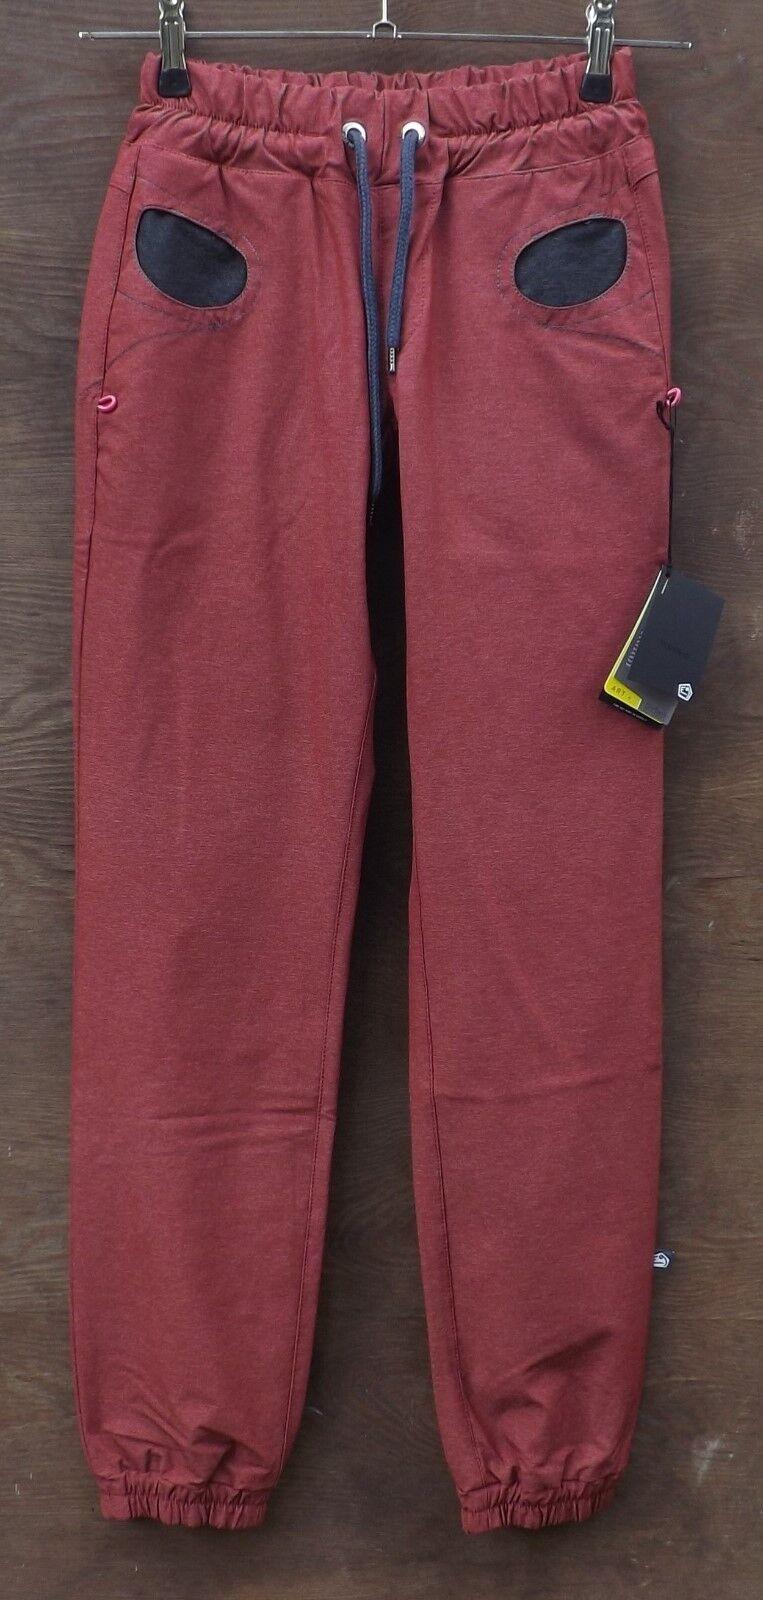 E9 Dolores, Elástico Pantalones Mujer, Escalar Boulderhose, Wine, Talla S